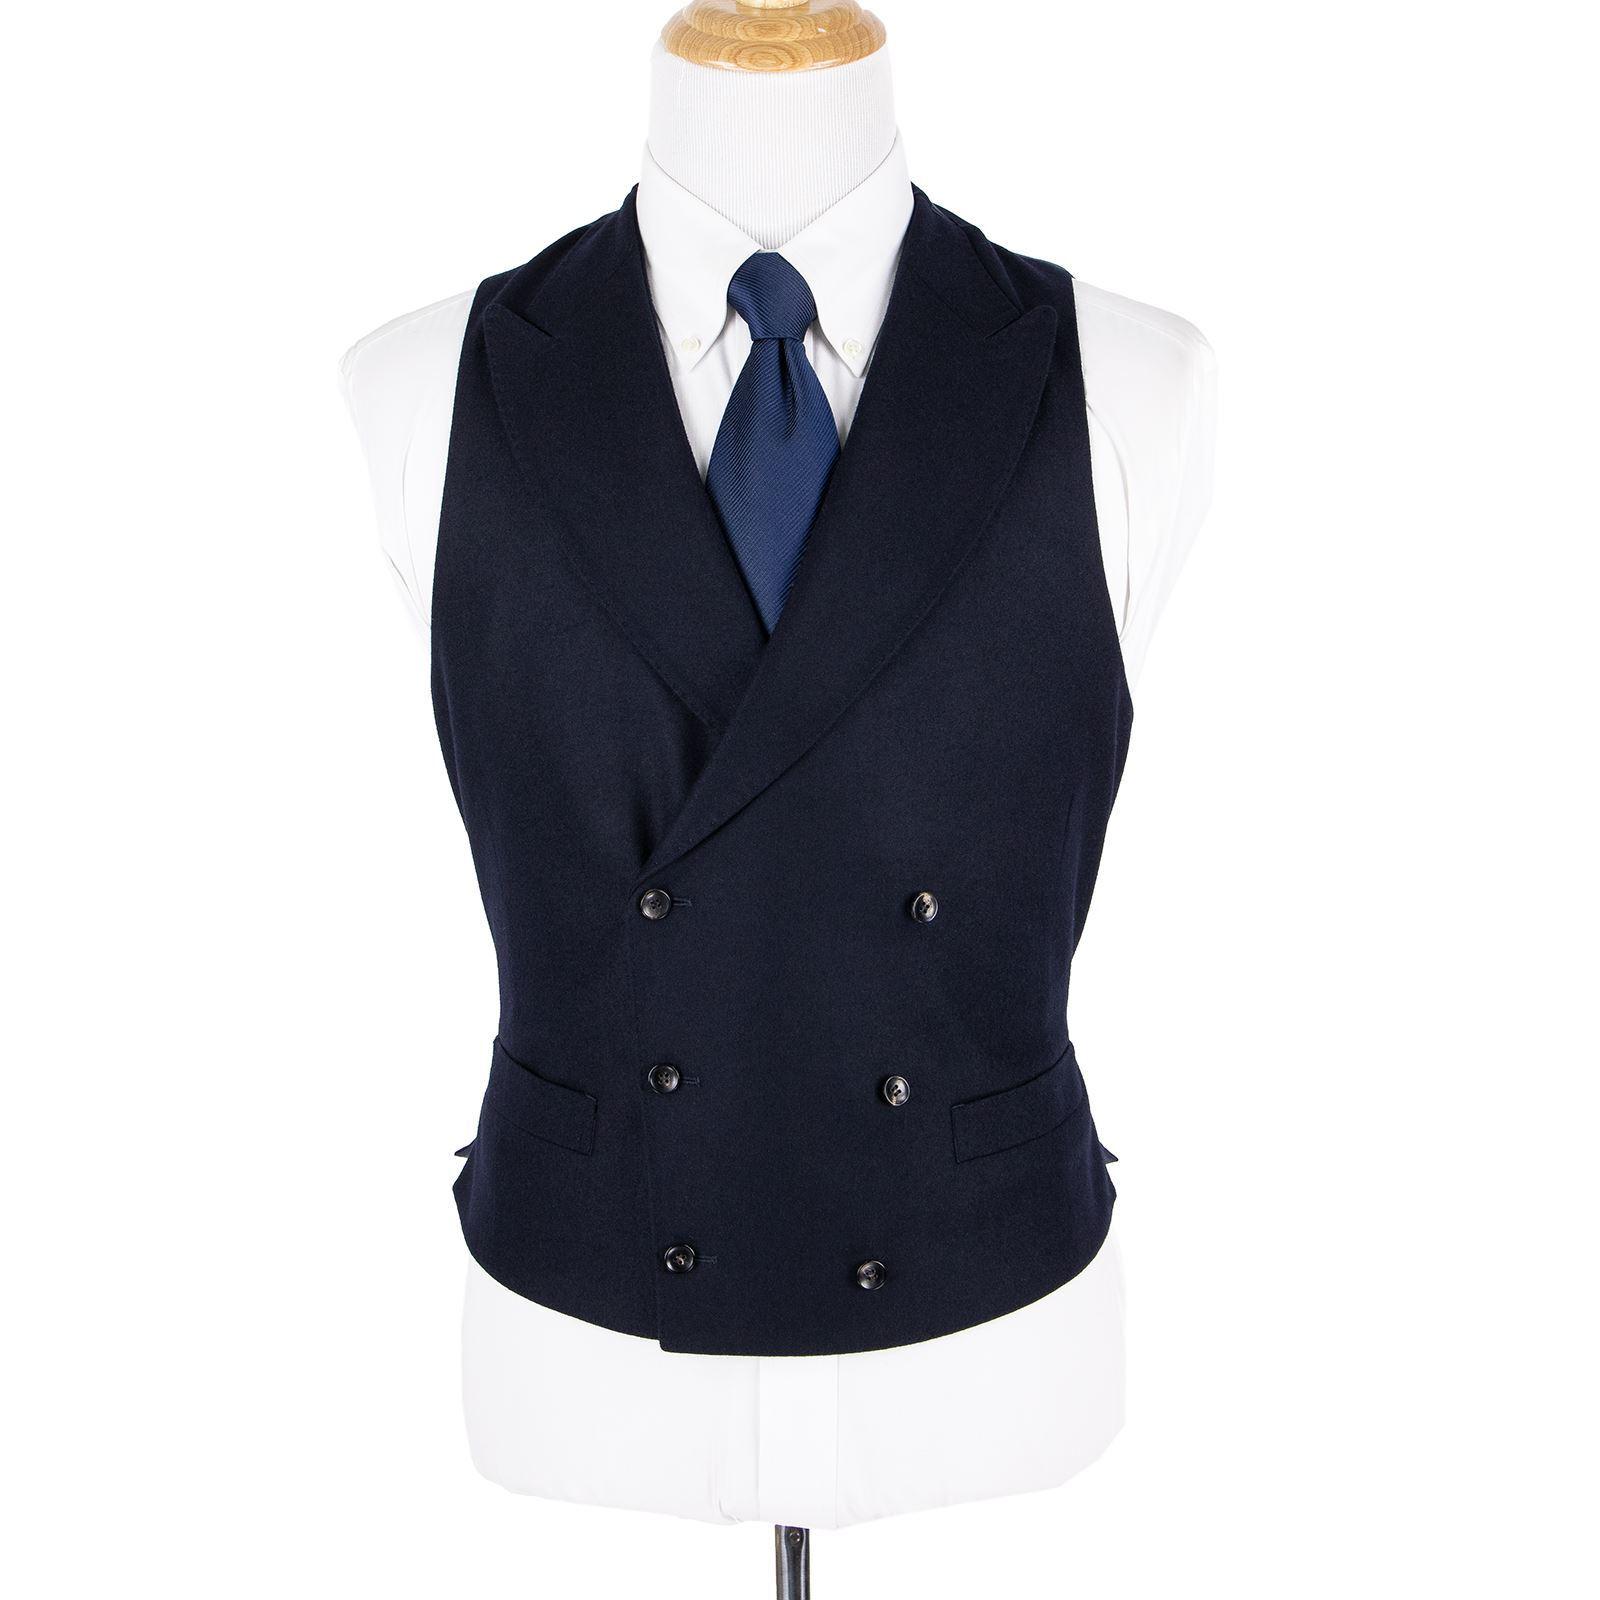 NWOT Suitsupply Navy Vitale Barberis Wool Flannel Peak Dbl Breast Waistcoat 38US